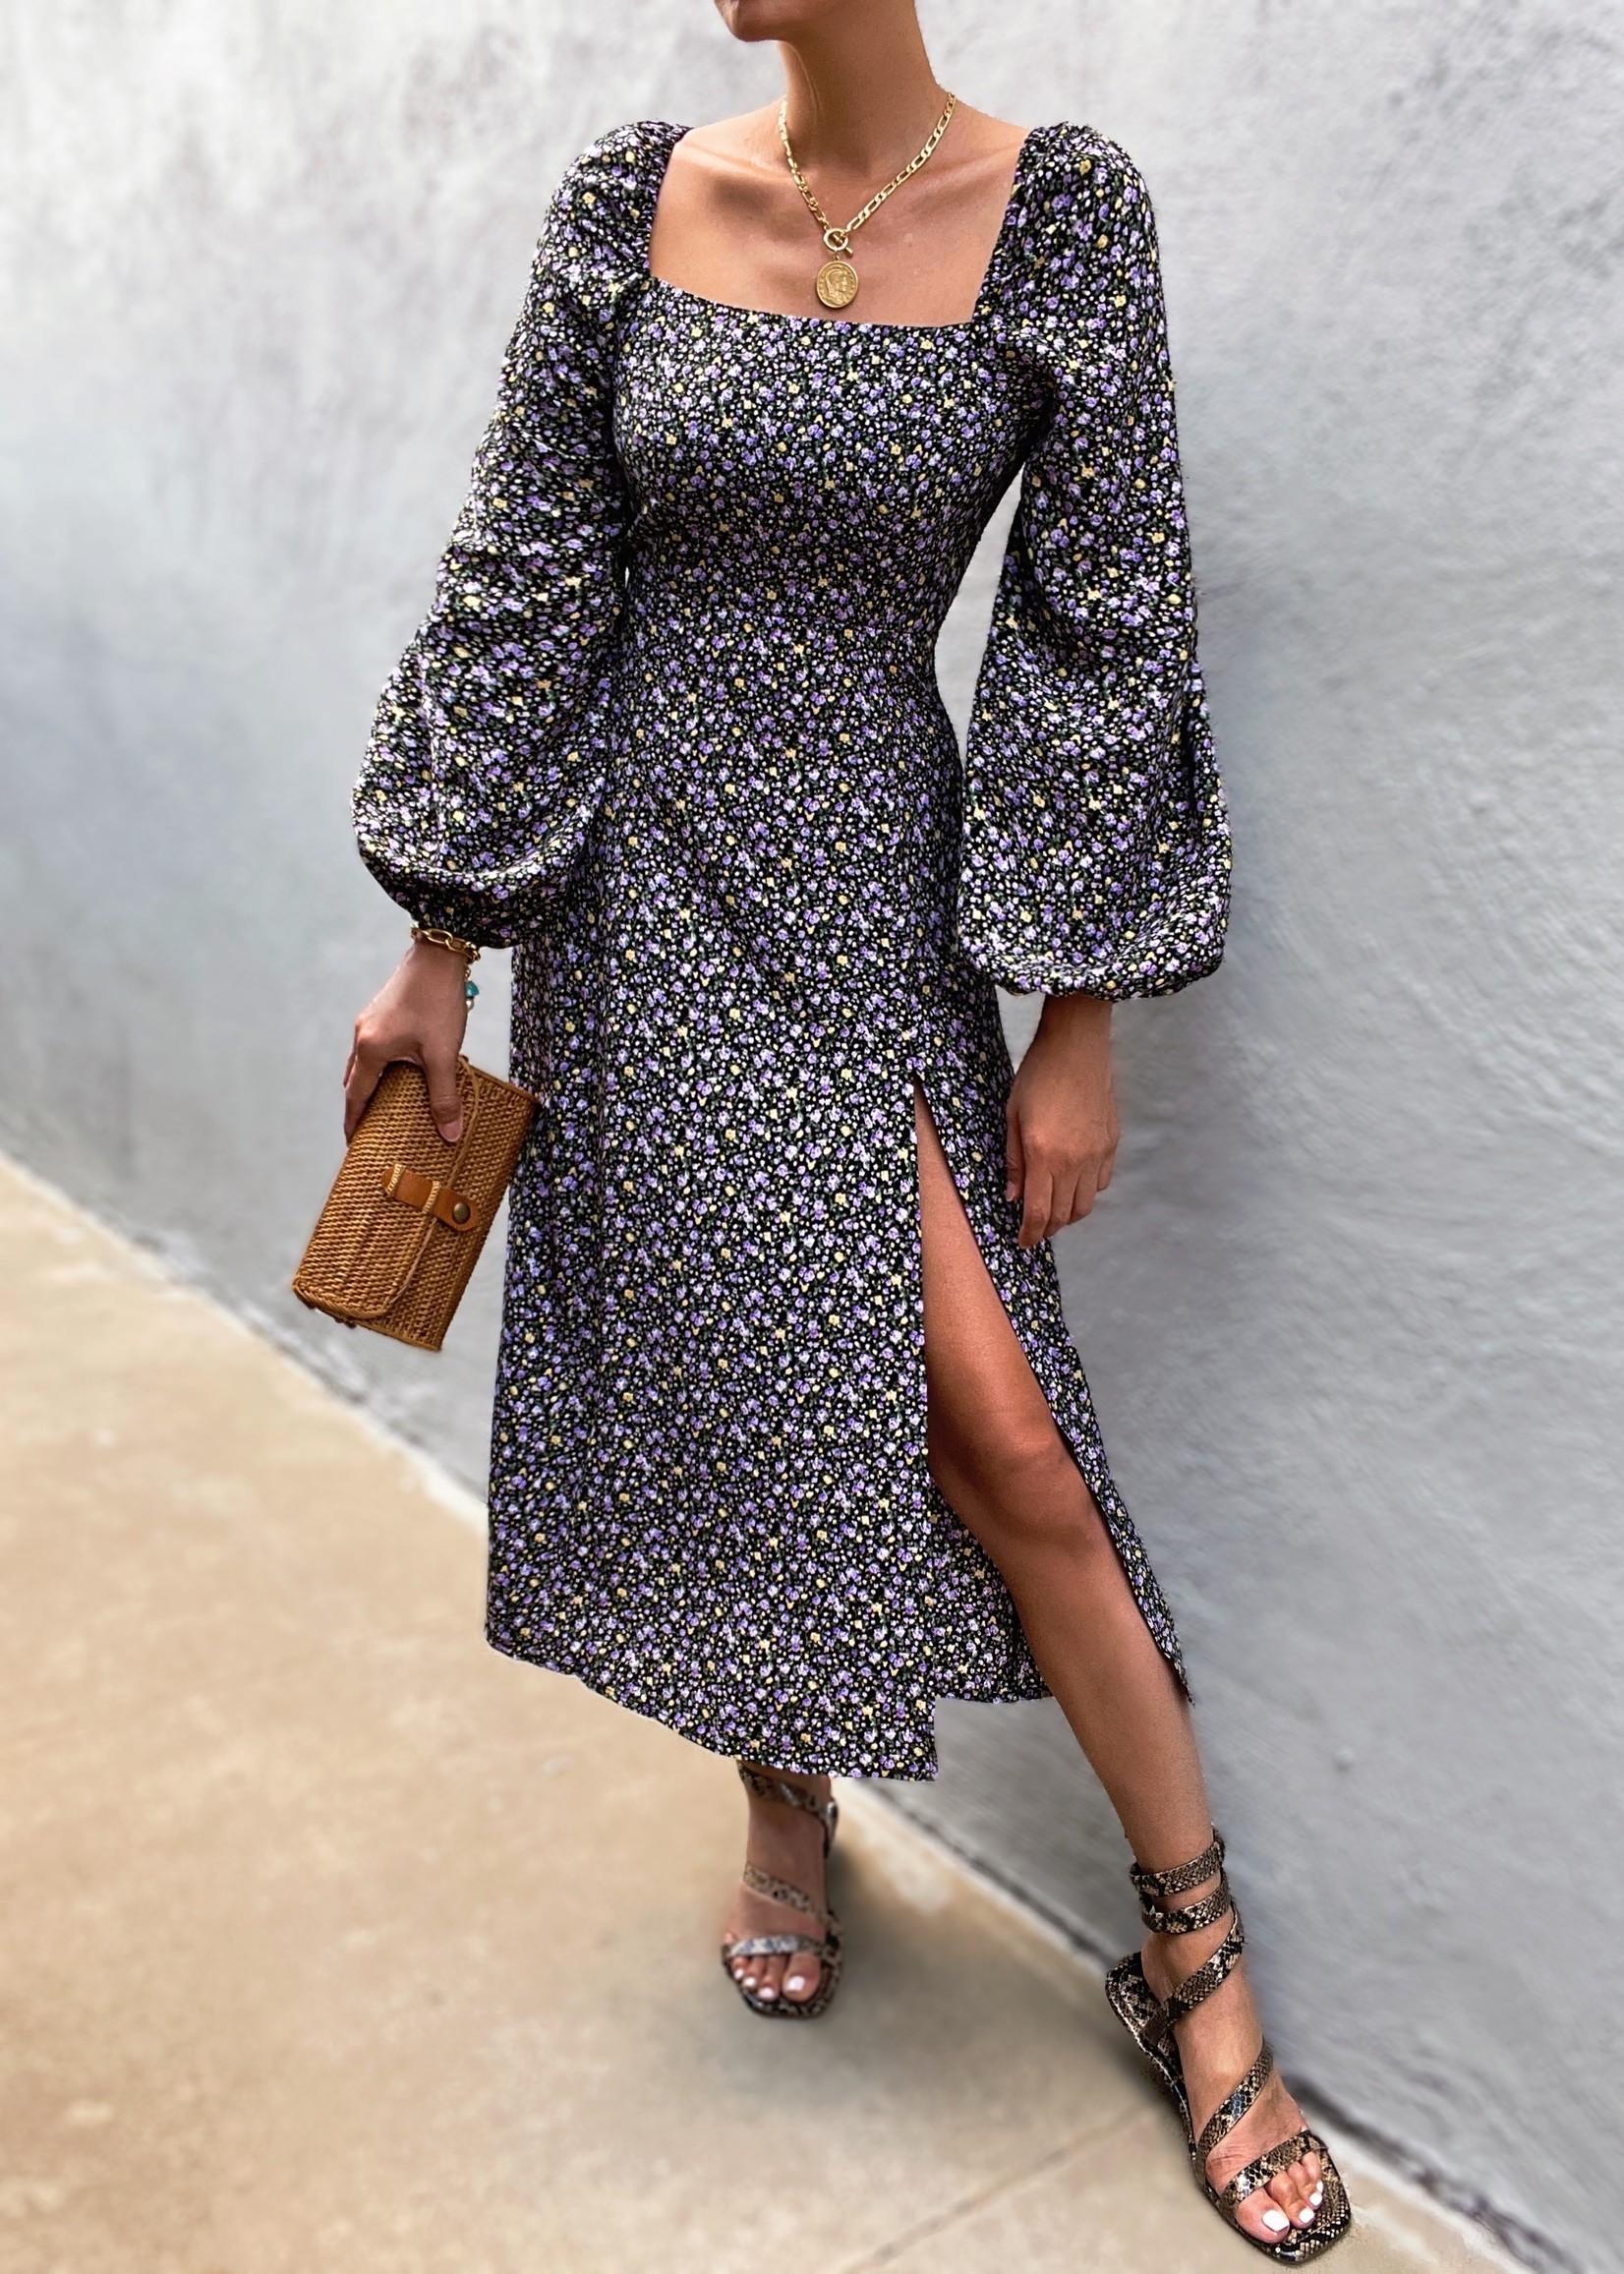 Mercer dress floral